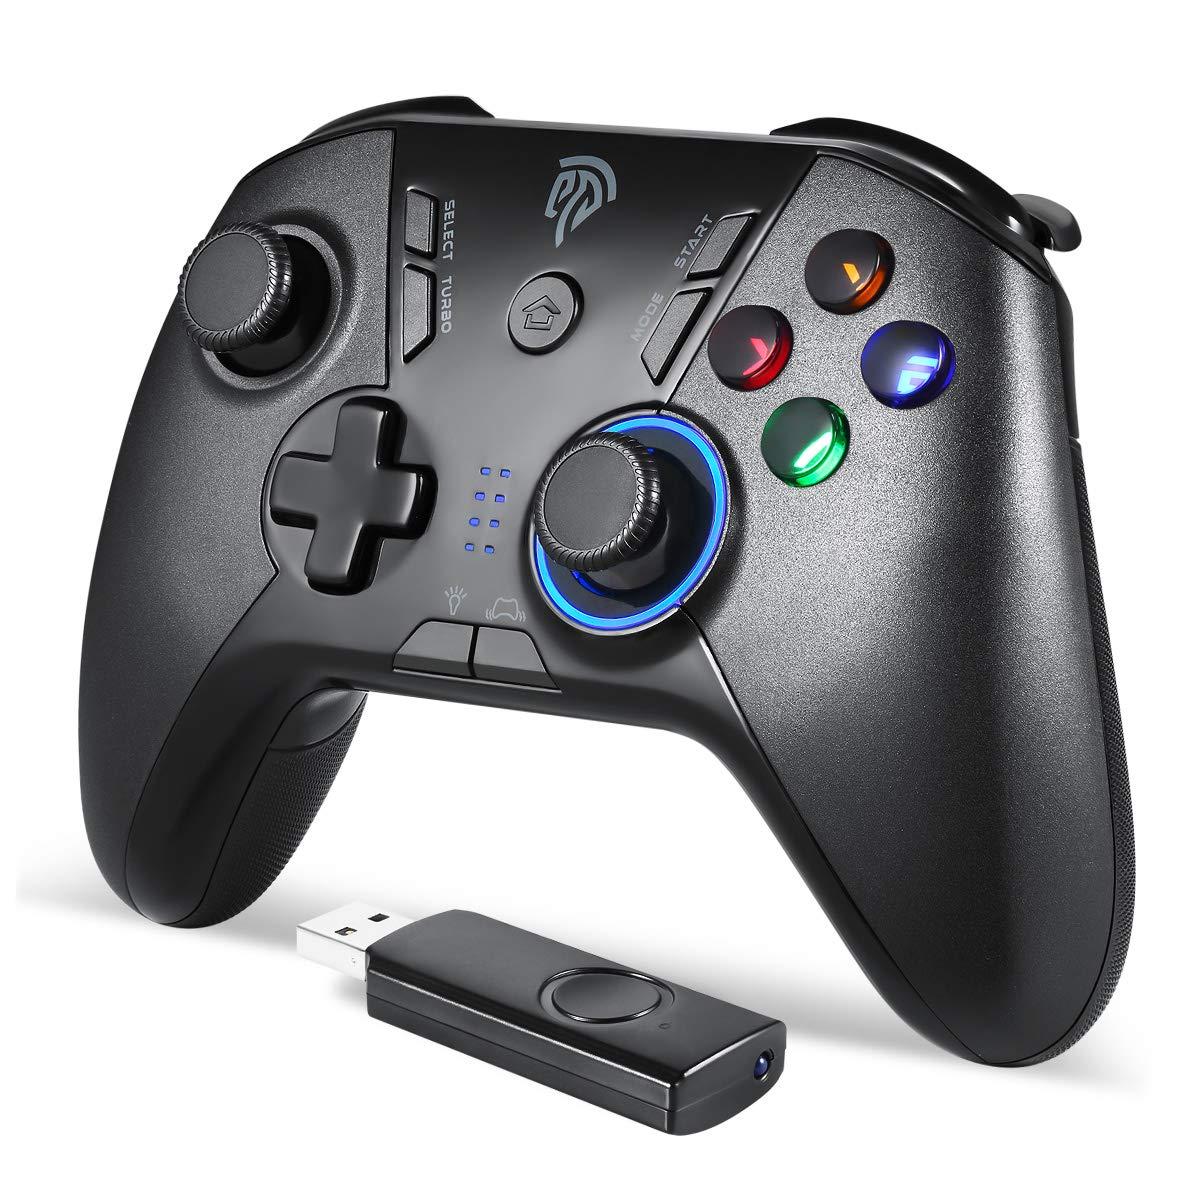 EasySMX Mandos Inalámbricos, [Regalos] 2.4G Mandos PS3 Batería, Gamepad con 5 Velocidades para Adjustar LED, Vibración Dual, Turbo y 4 Botones Programables para PS3/ Andriod Móvil/PC/Tablet/TV/TV Box: Amazon.es: Videojuegos